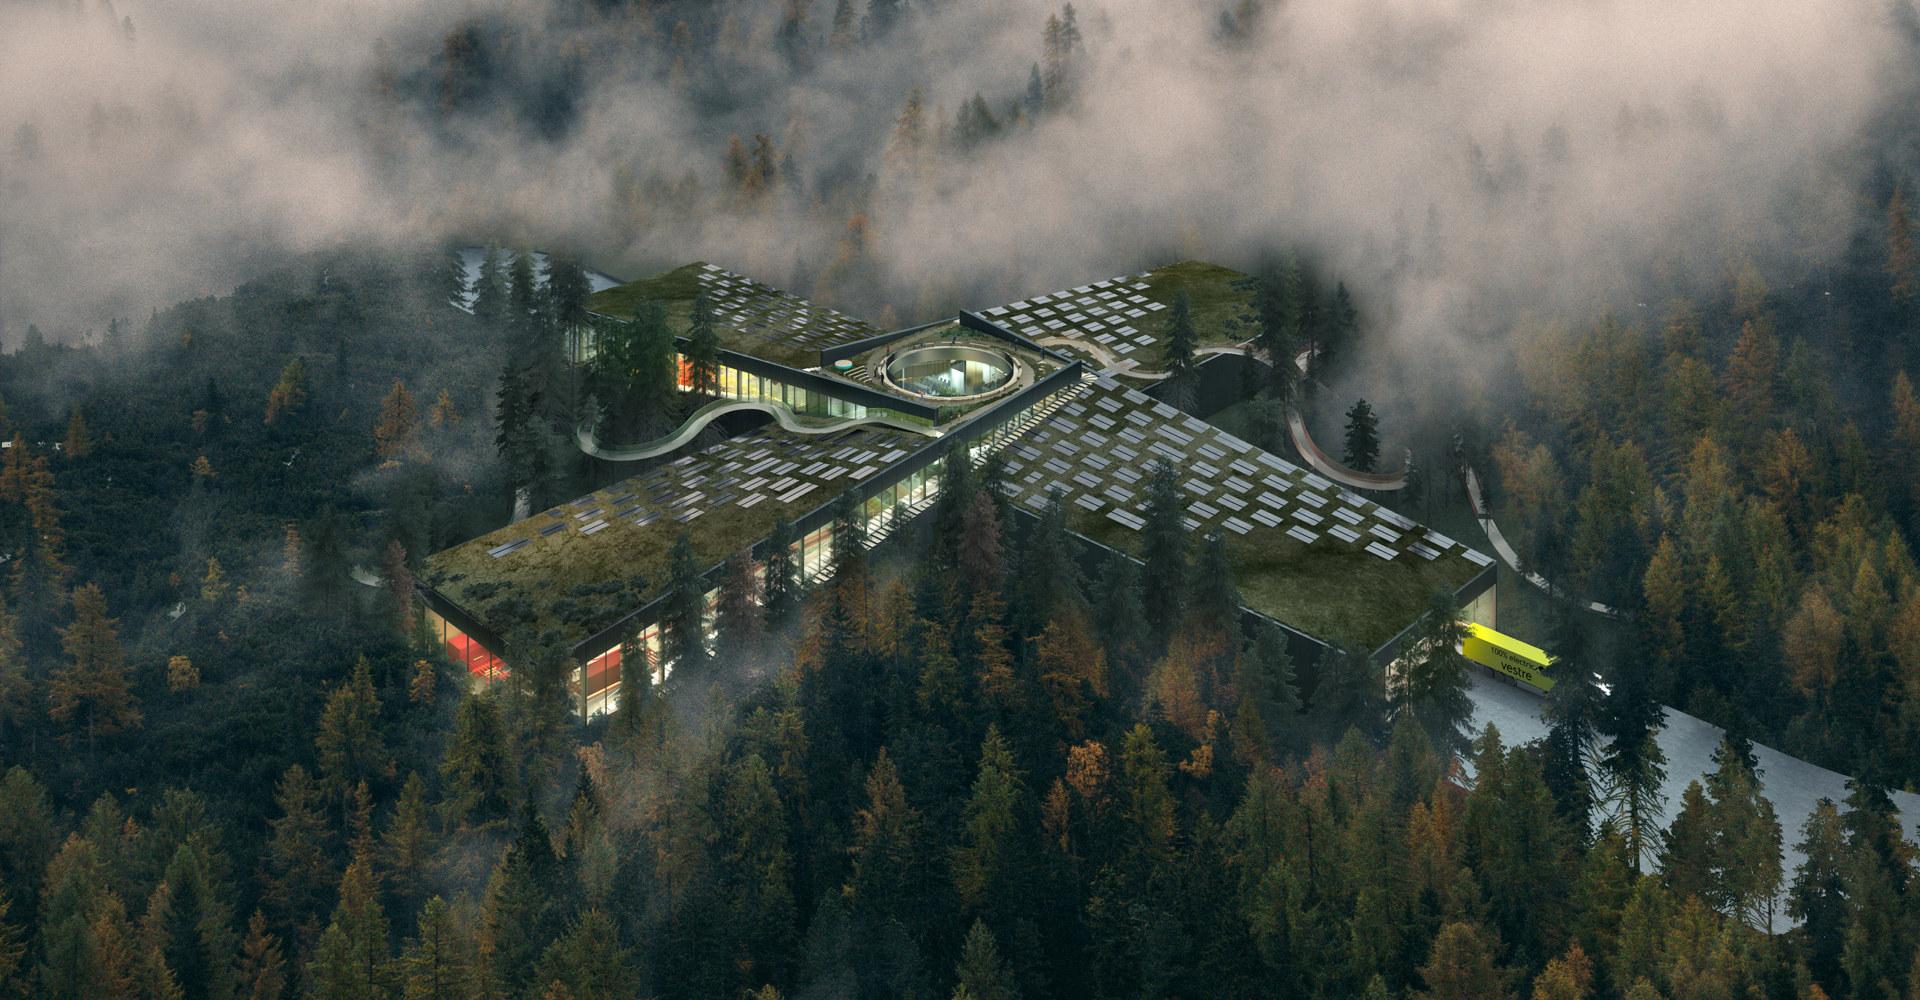 Vestre skal bygge verdens mest miljøvennlige møbelfabrikk i Norge. Illustrasjon: Vestre